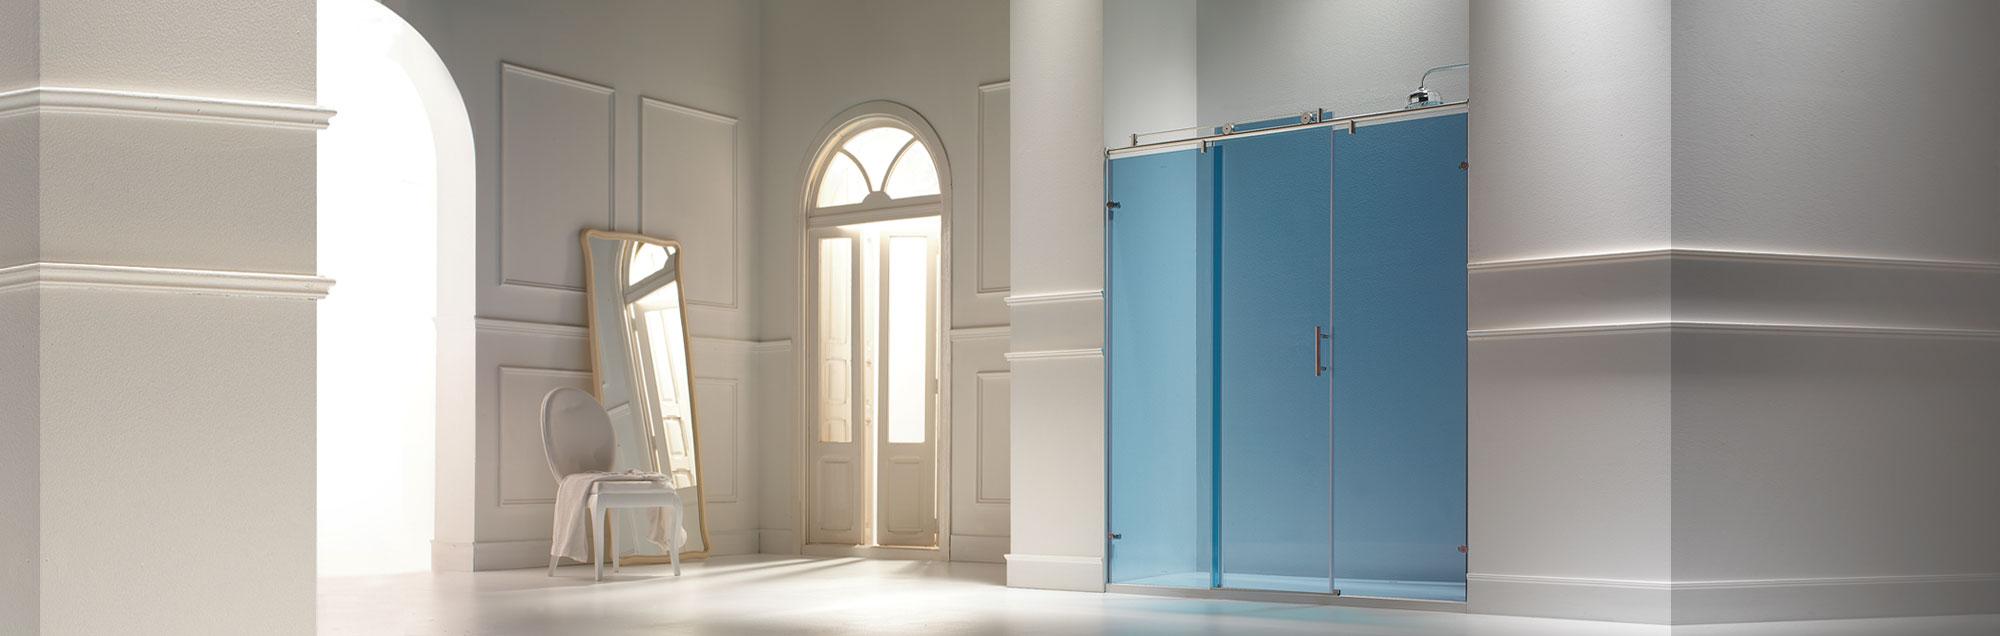 Serie Steel - Duschabtrennungen nach Maß mit Gleittüren